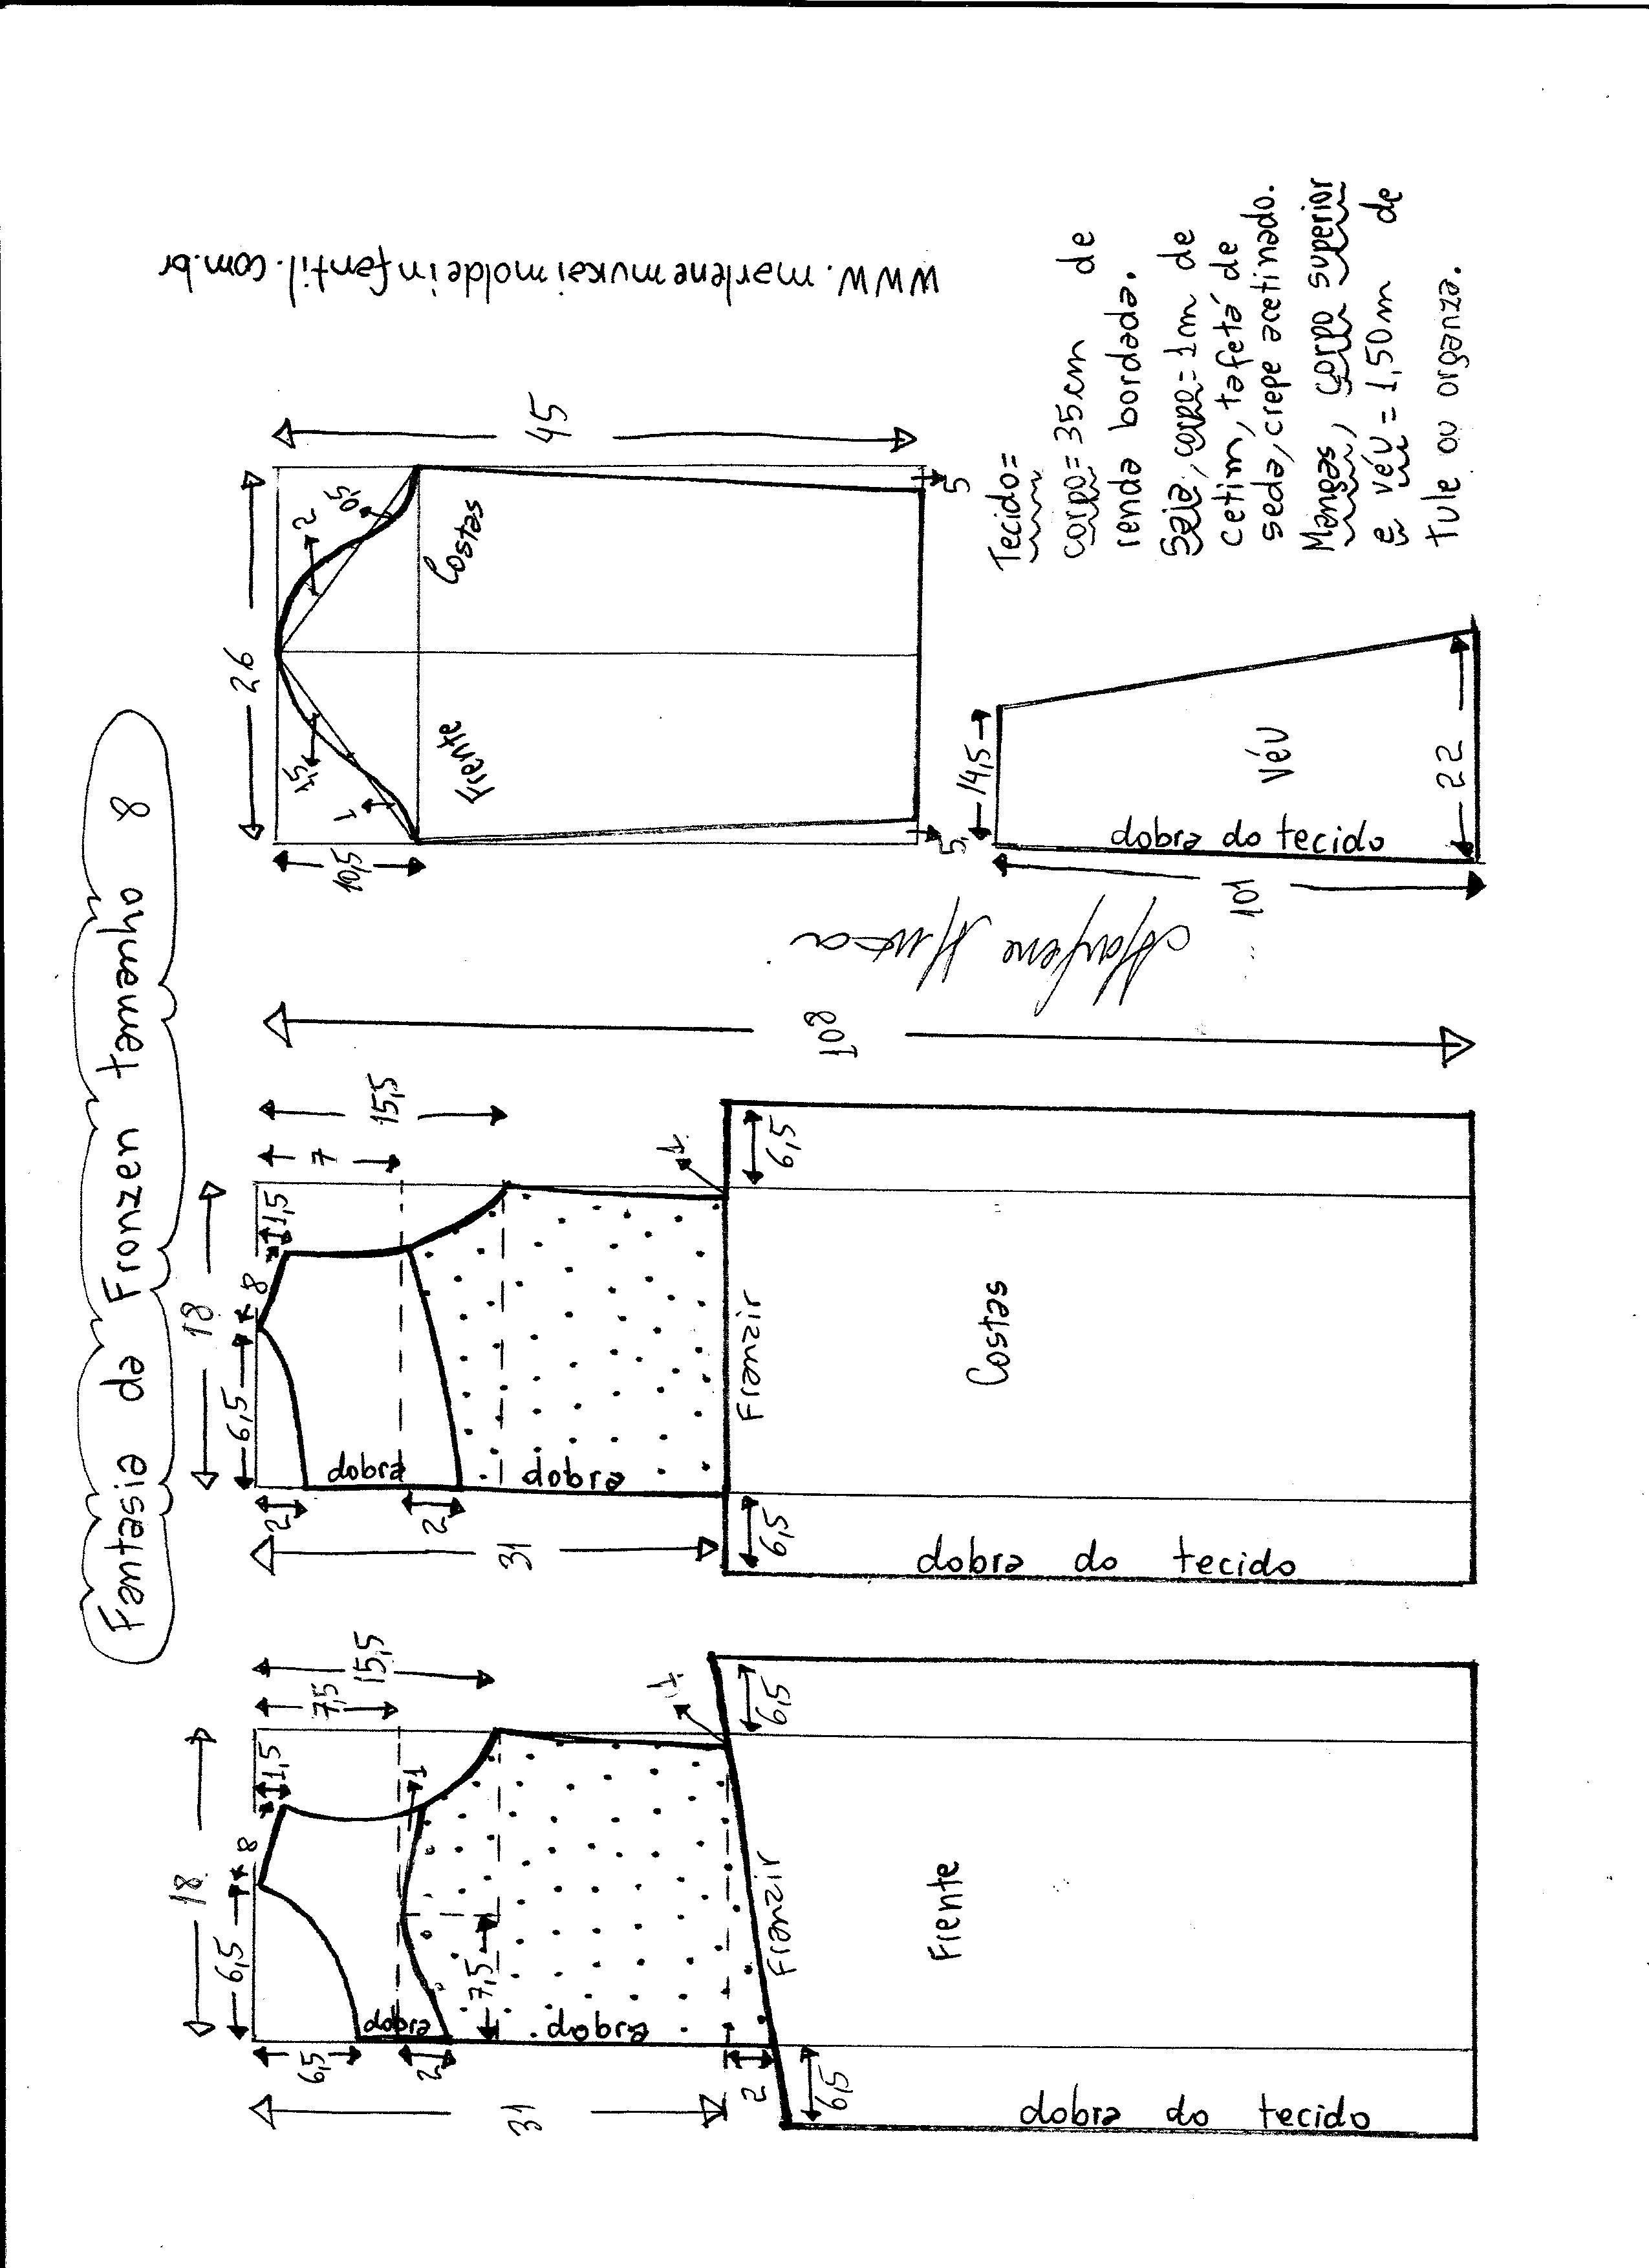 Esquema de modelagem de vestido fantasia fronzen tamanho 8.